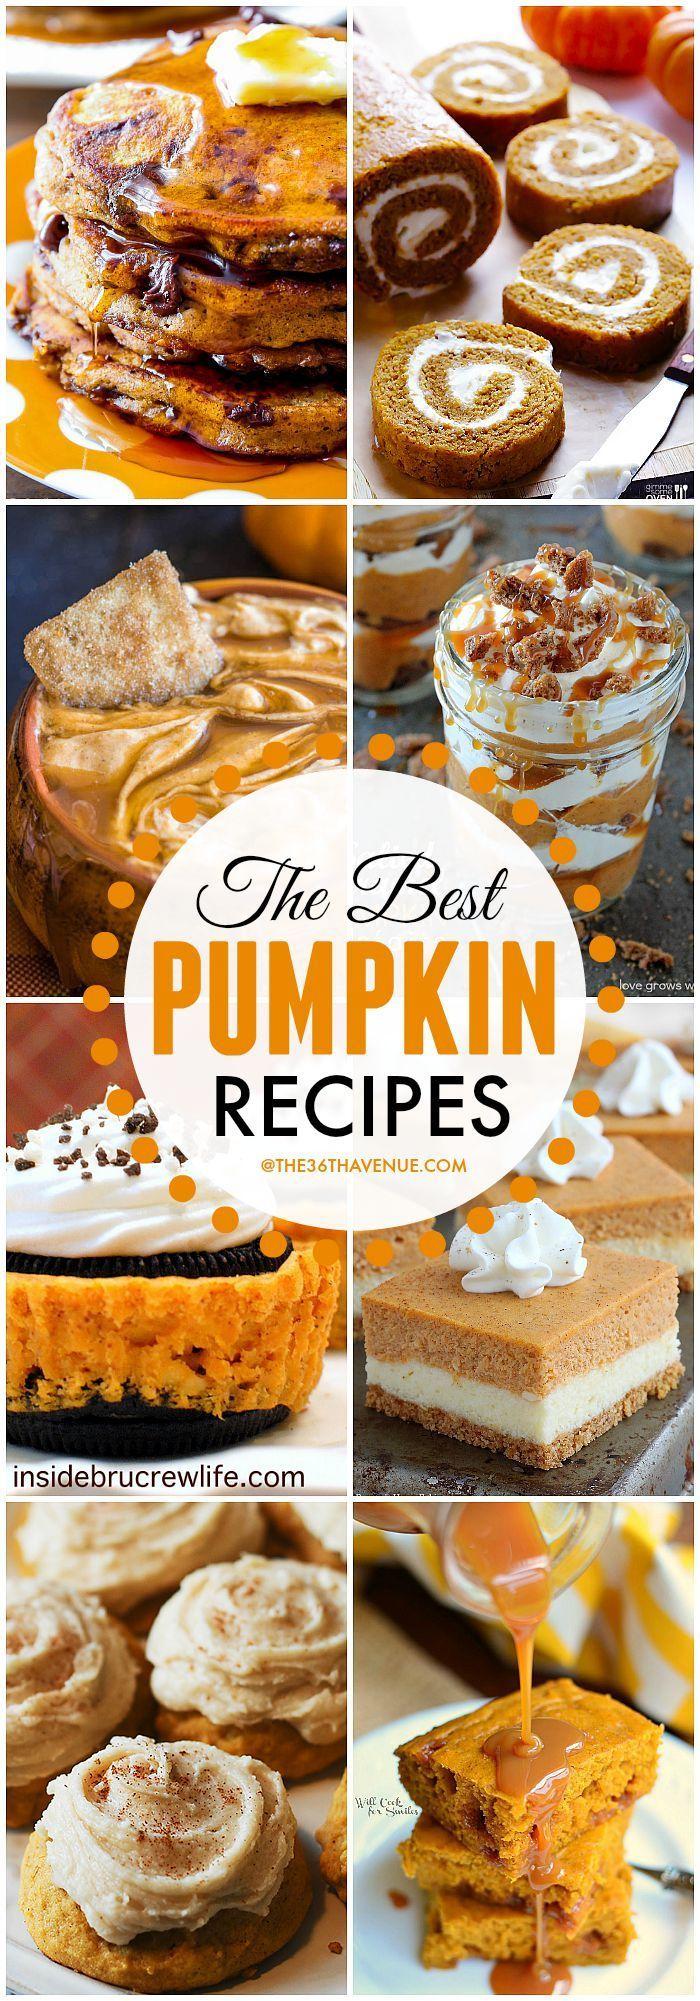 Best Pumpkin Recipes! WOW!